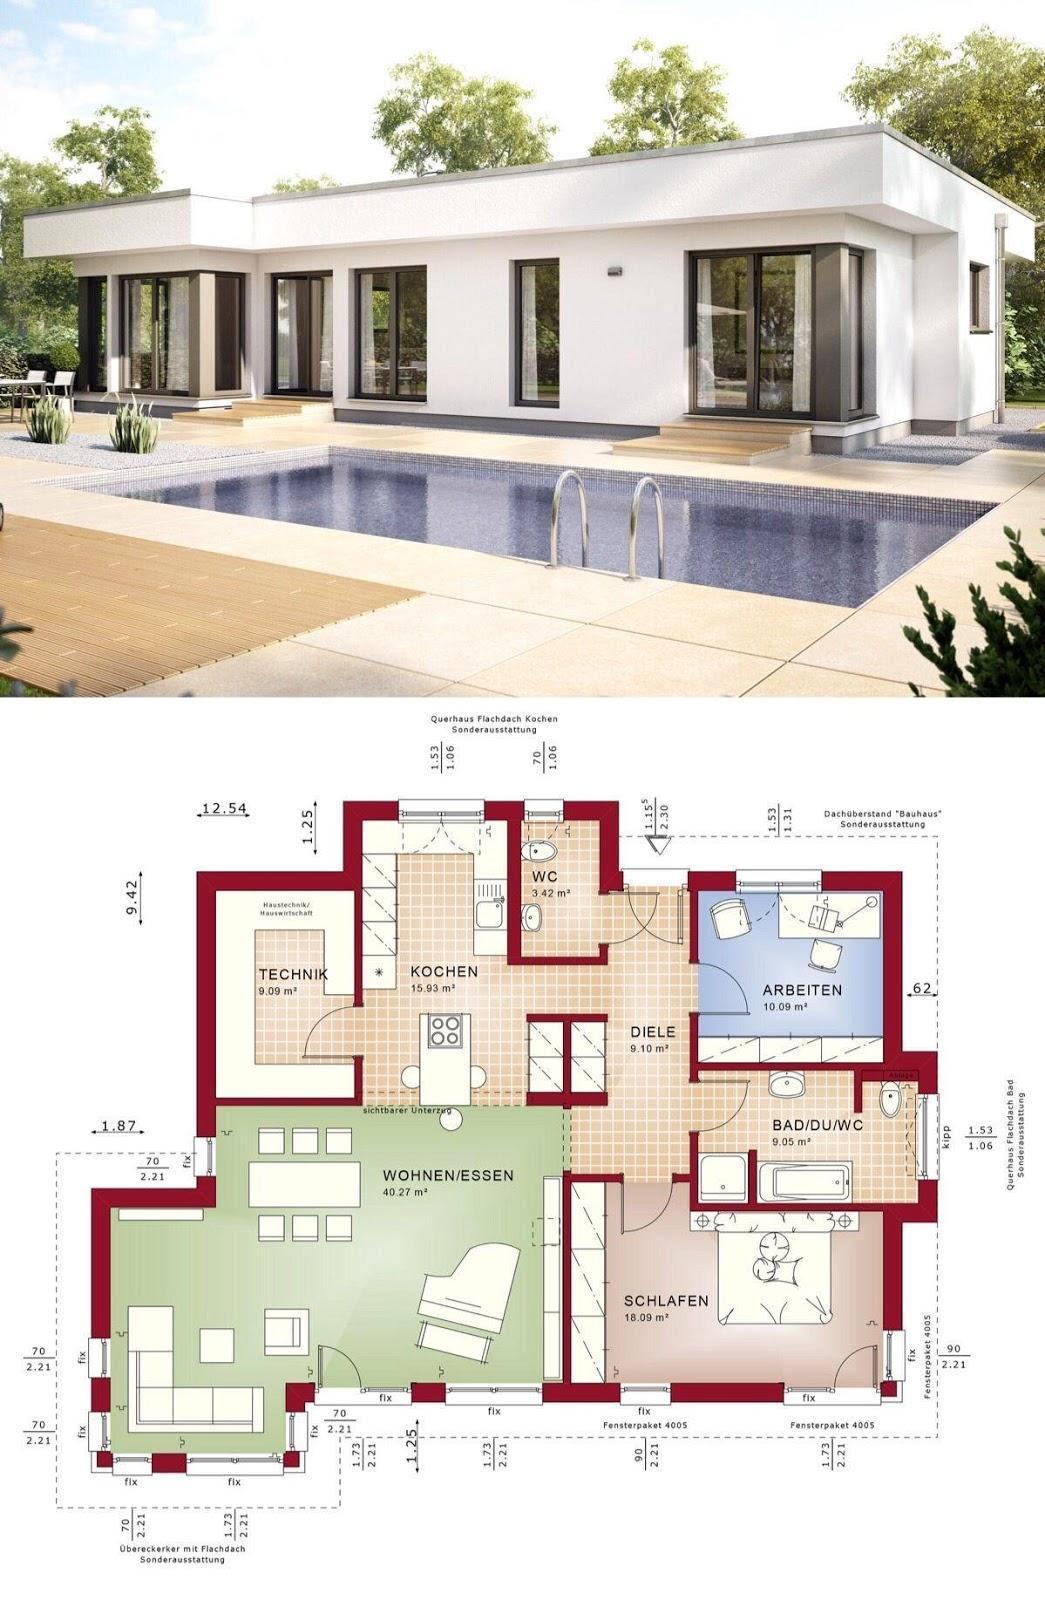 Desain Dan Denah Rumah Mewah Elegan Dan Minimalis Desain rumah elegan dan mewah